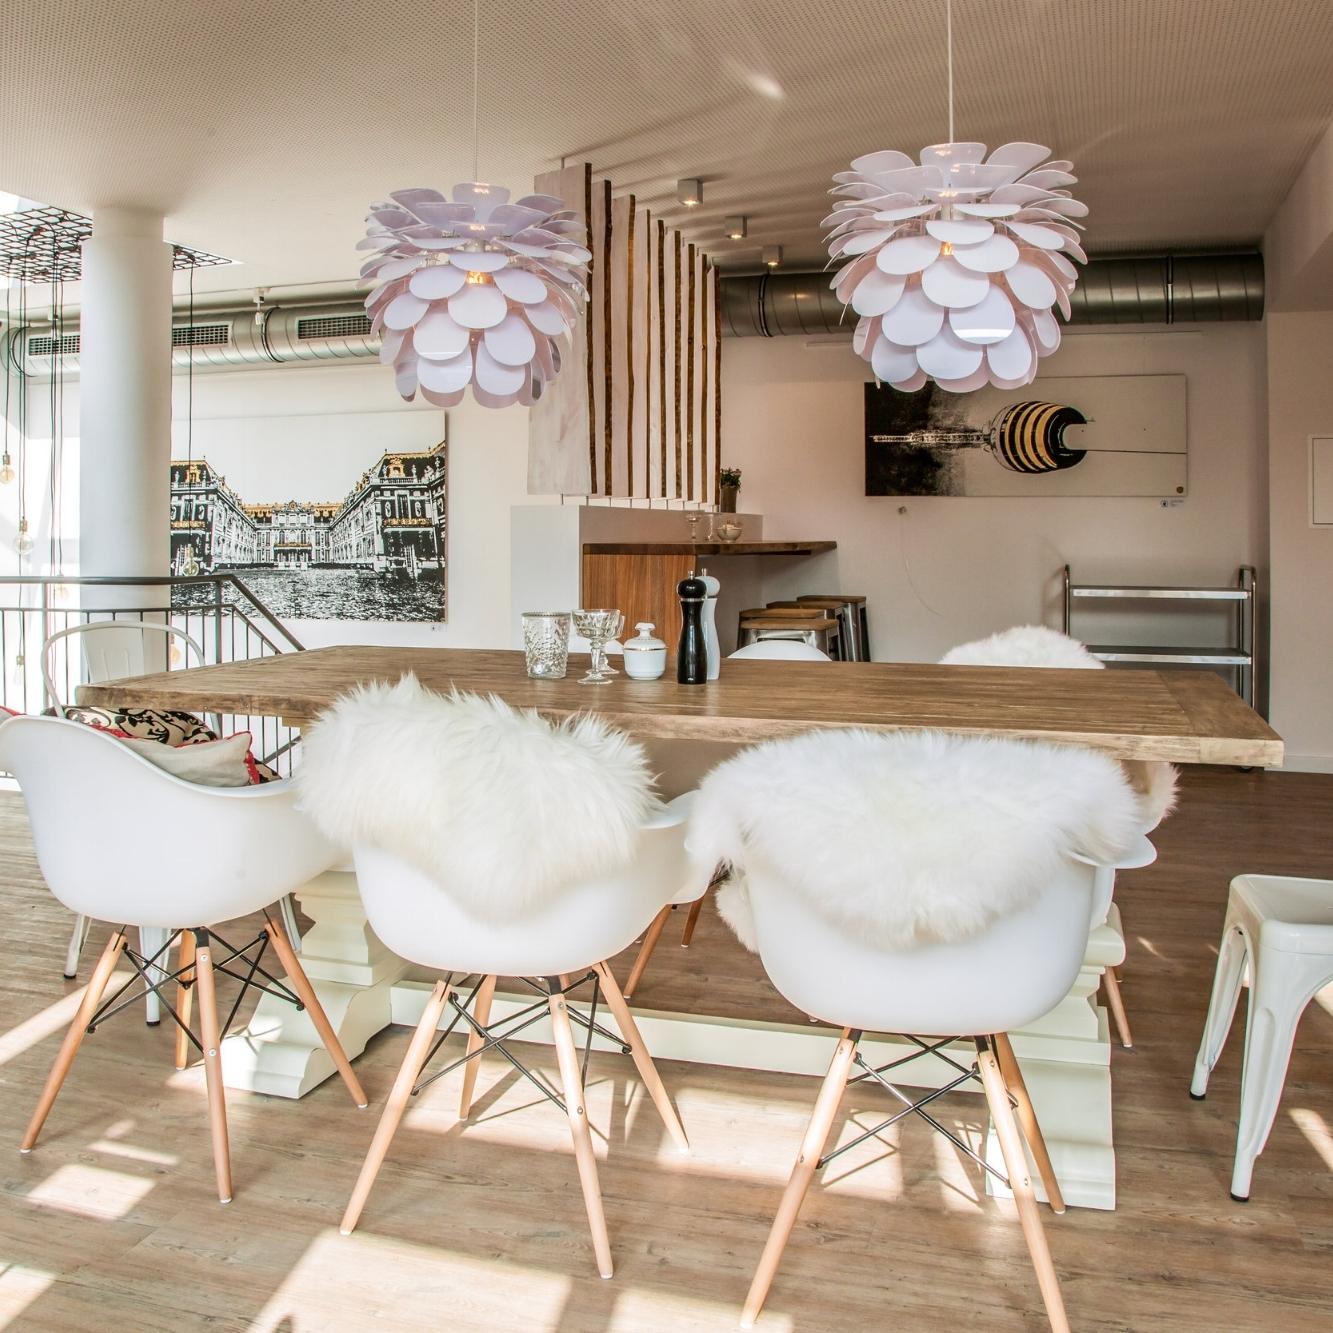 """DIE AUSGANGSLAGE - Das Restaurant """"Speiserei"""" hatte von Beginn an schon viel: Stil, eine gute Küche und ein tolles Konzept. Was jedoch noch fehlte, war die entsprechende Außendarstellung."""